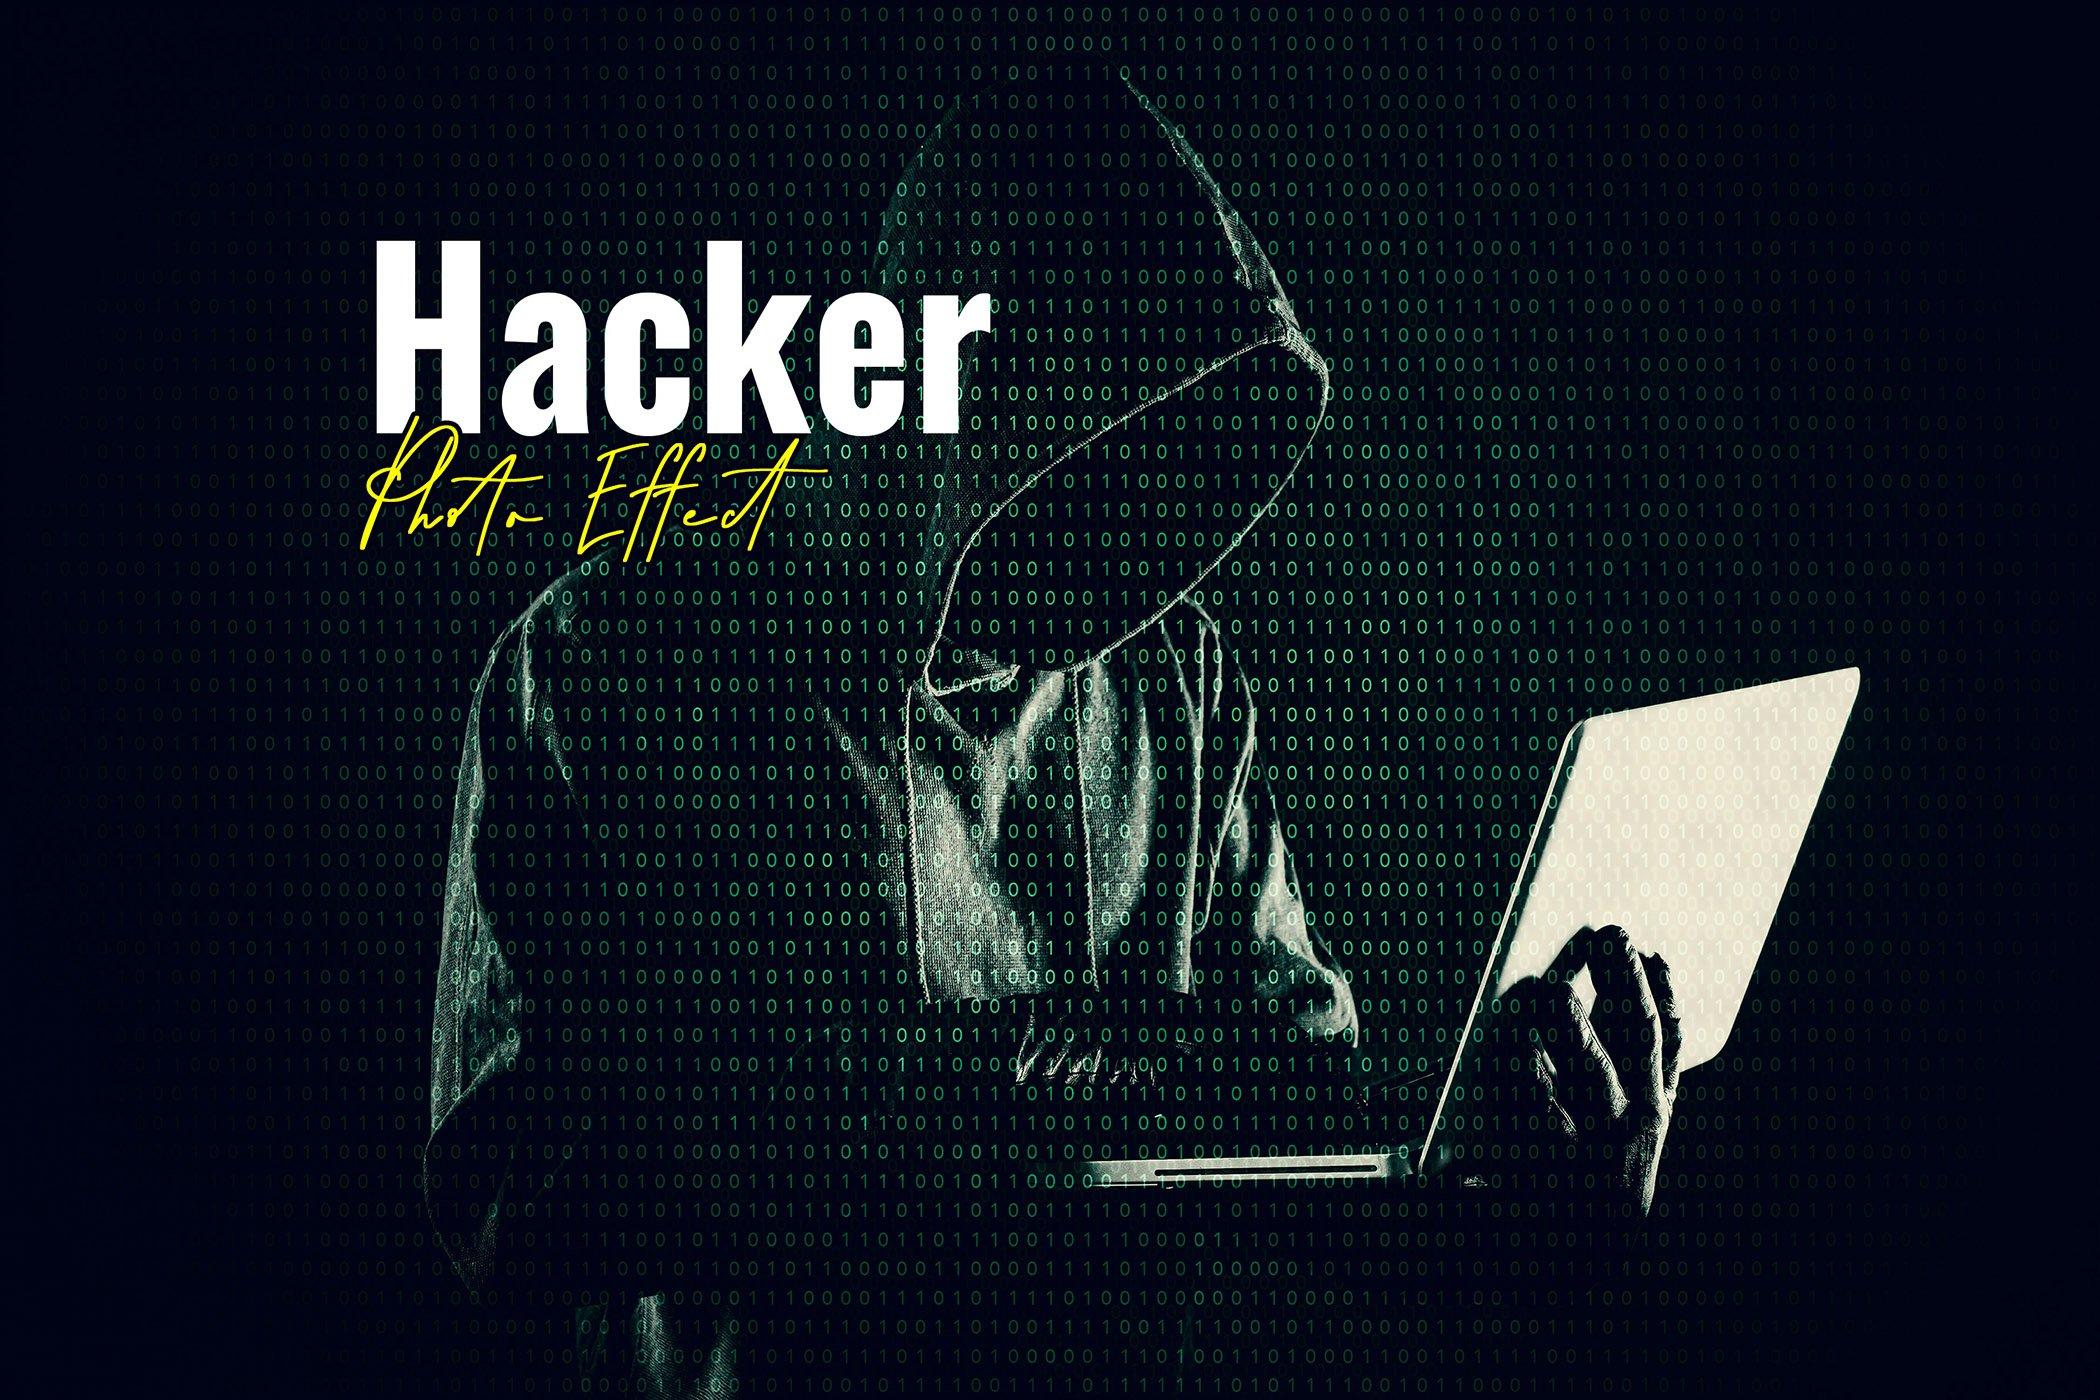 逼真黑客矩阵效果照片处理滤镜PS样式模板 Hacker Matrix Photo Effect插图